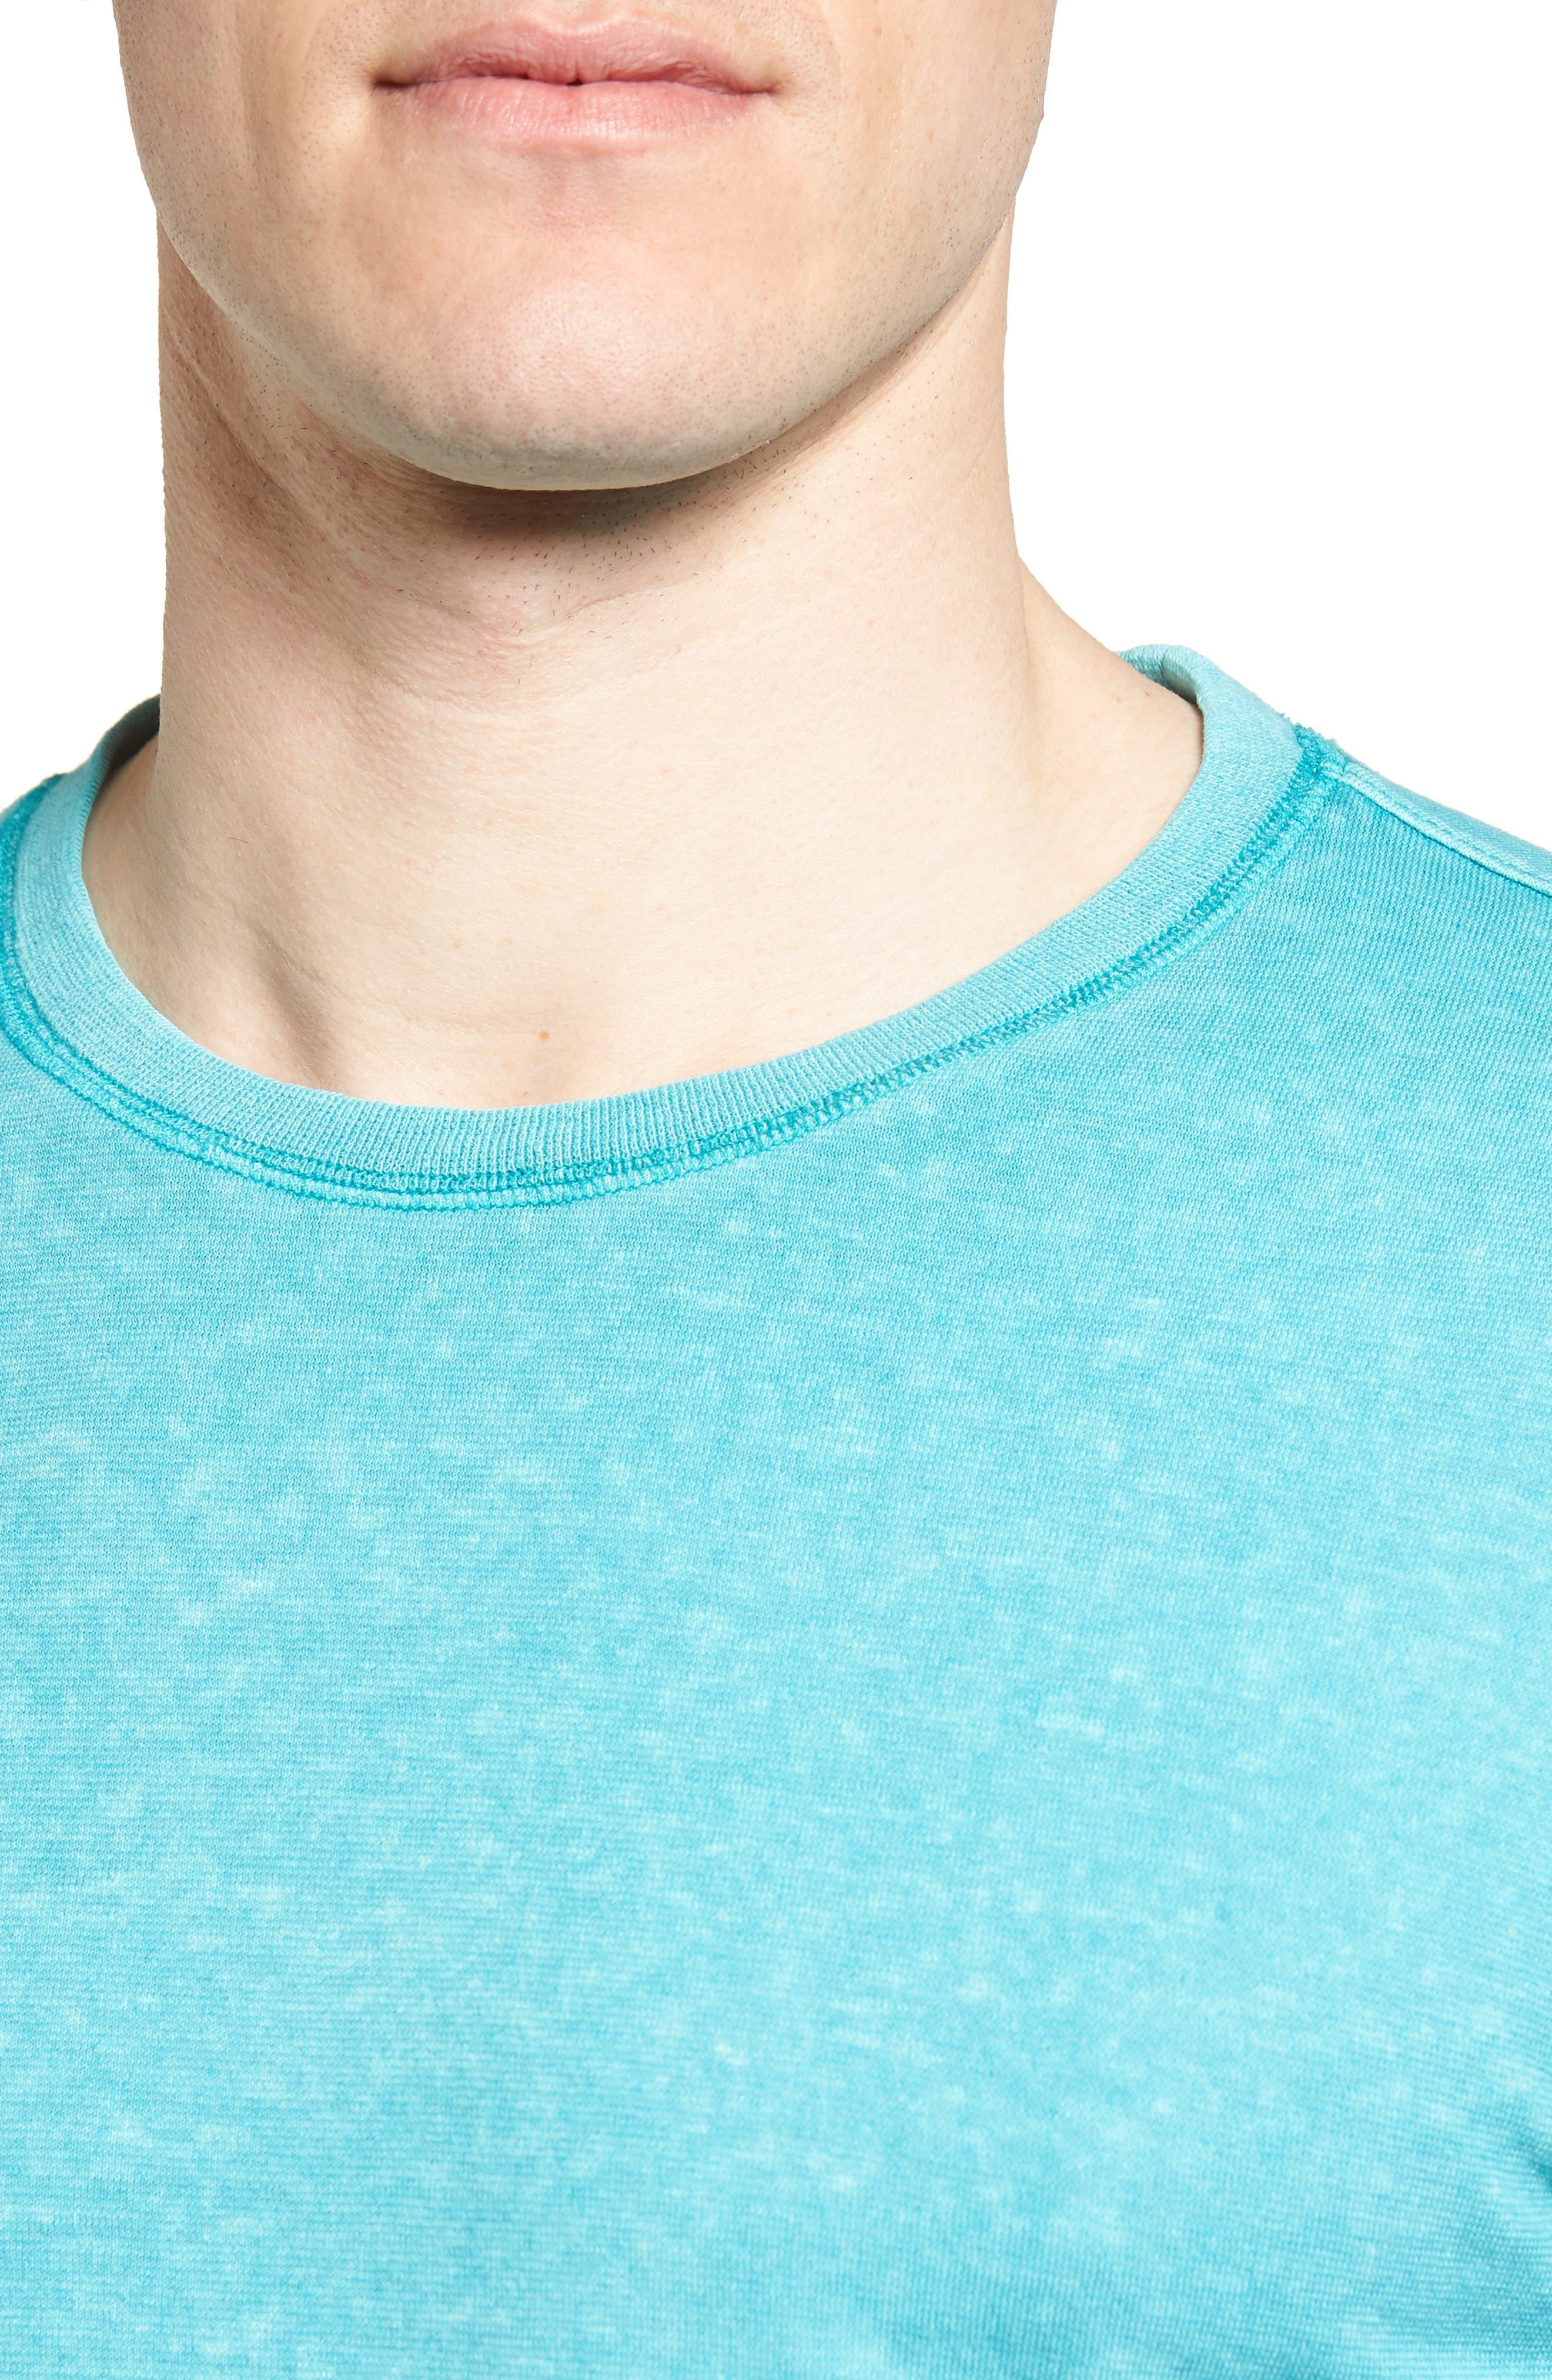 Camura T-Shirt,                             Alternate thumbnail 4, color,                             Fiji Blue